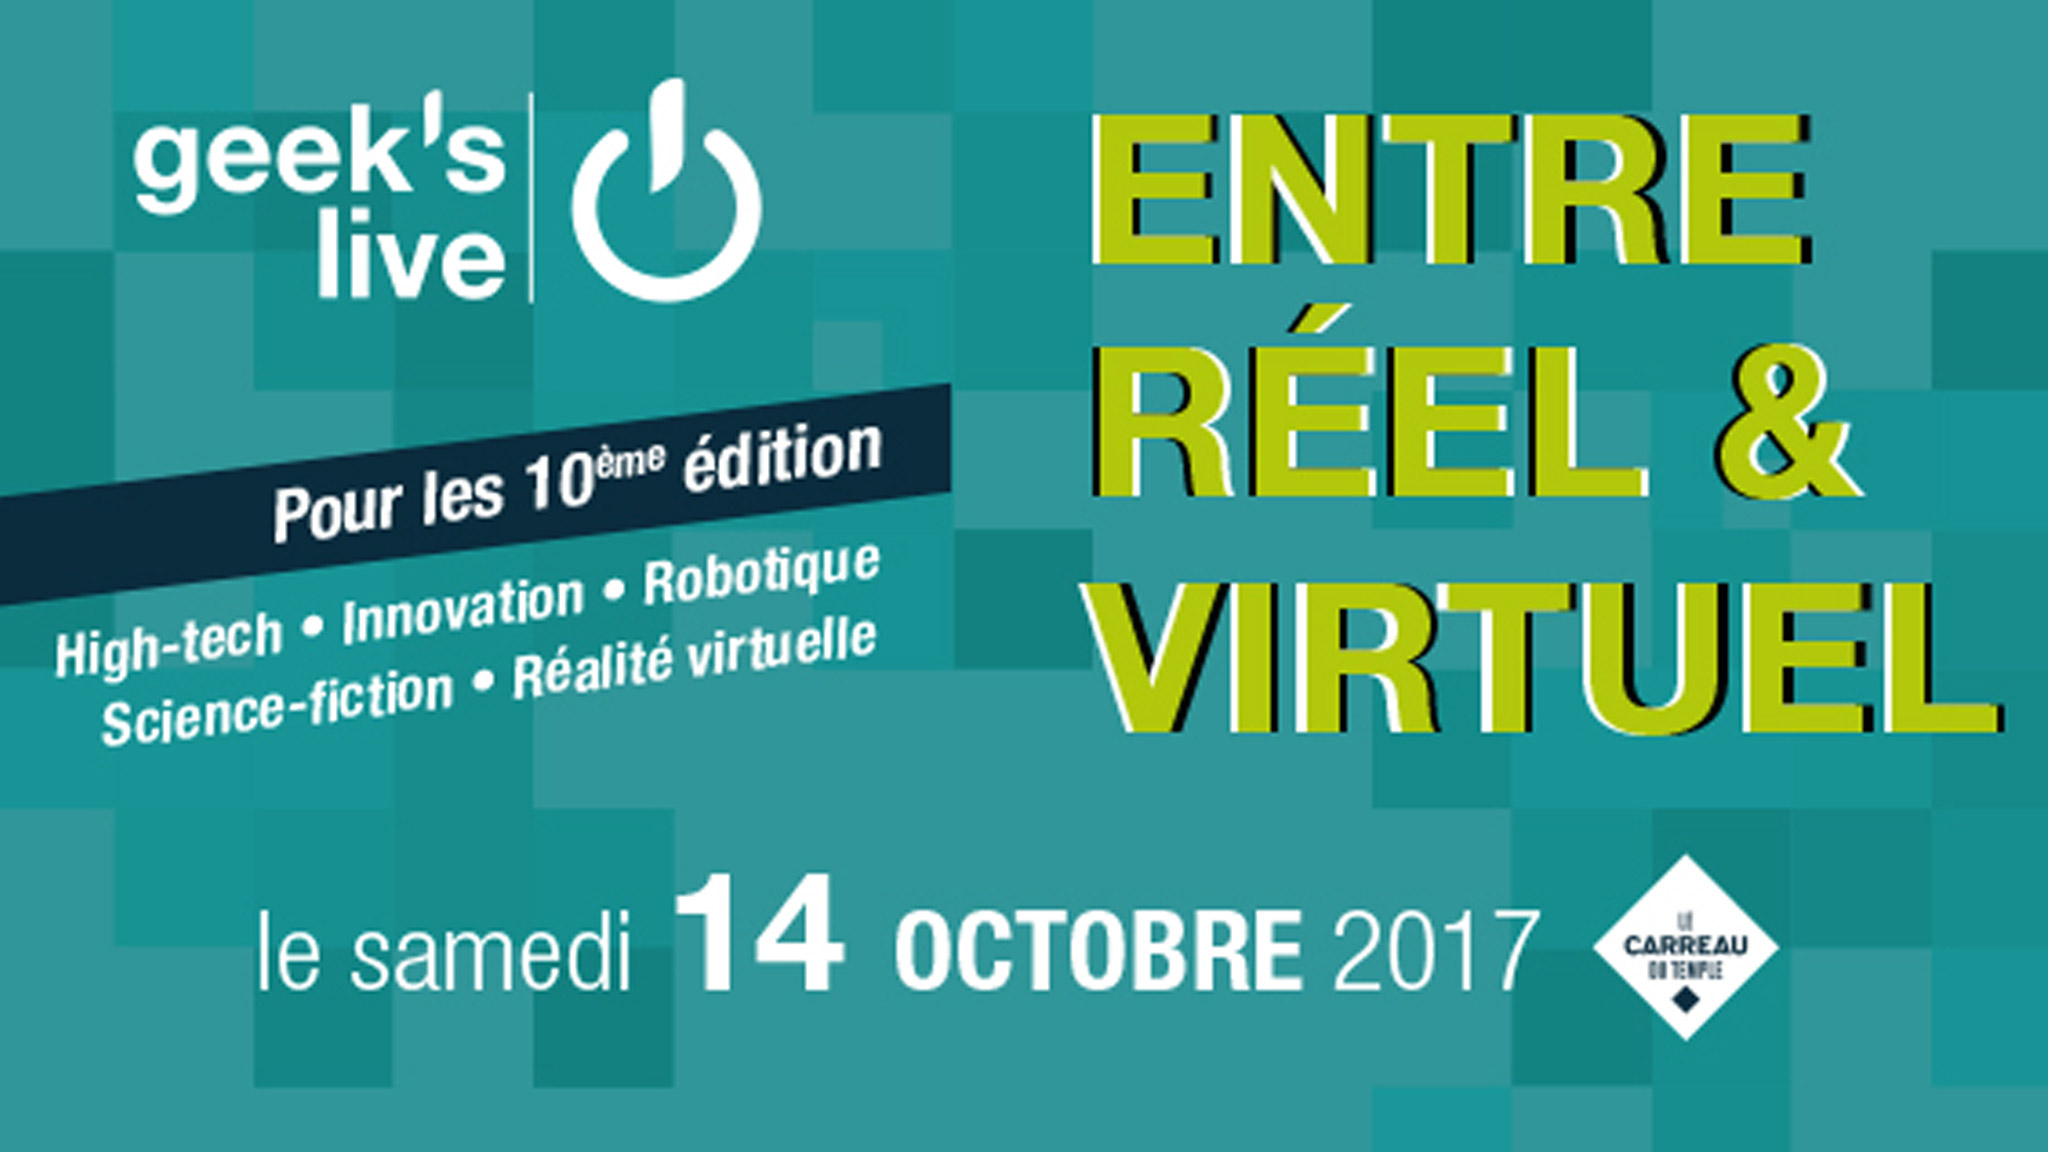 Prochain event…Geek's live le 14 octobre